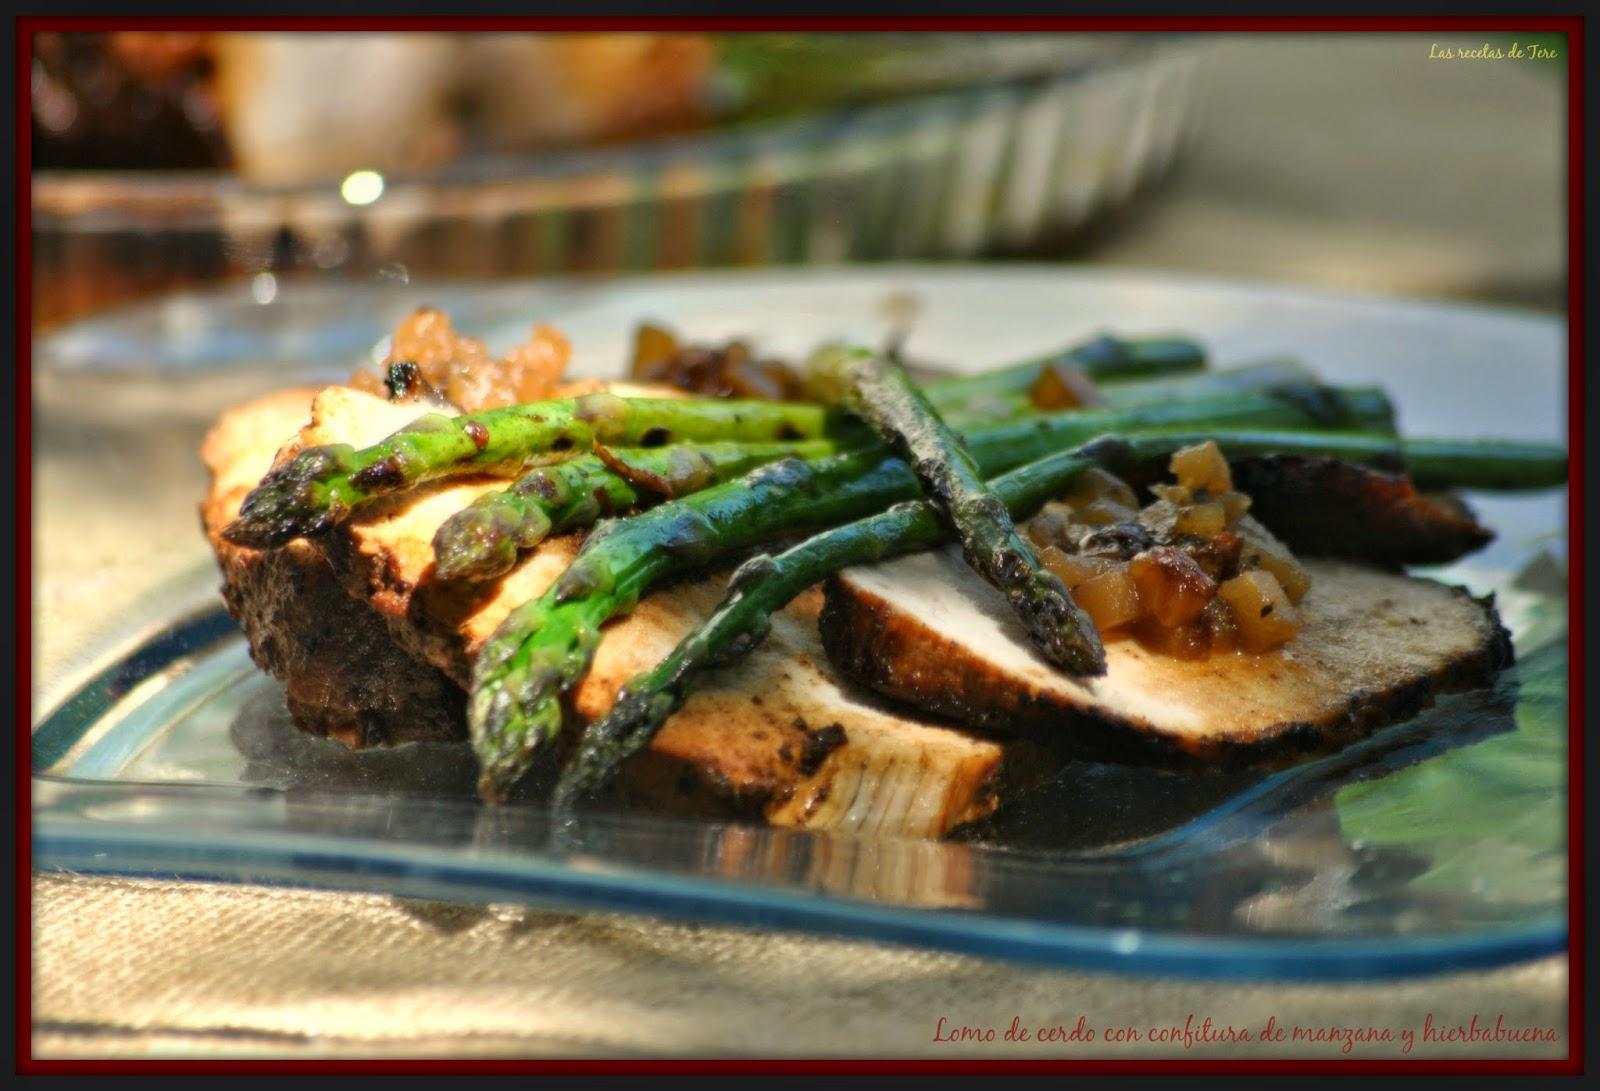 Lomo de cerdo al horno con confitura de manzana y hierbabuena  04